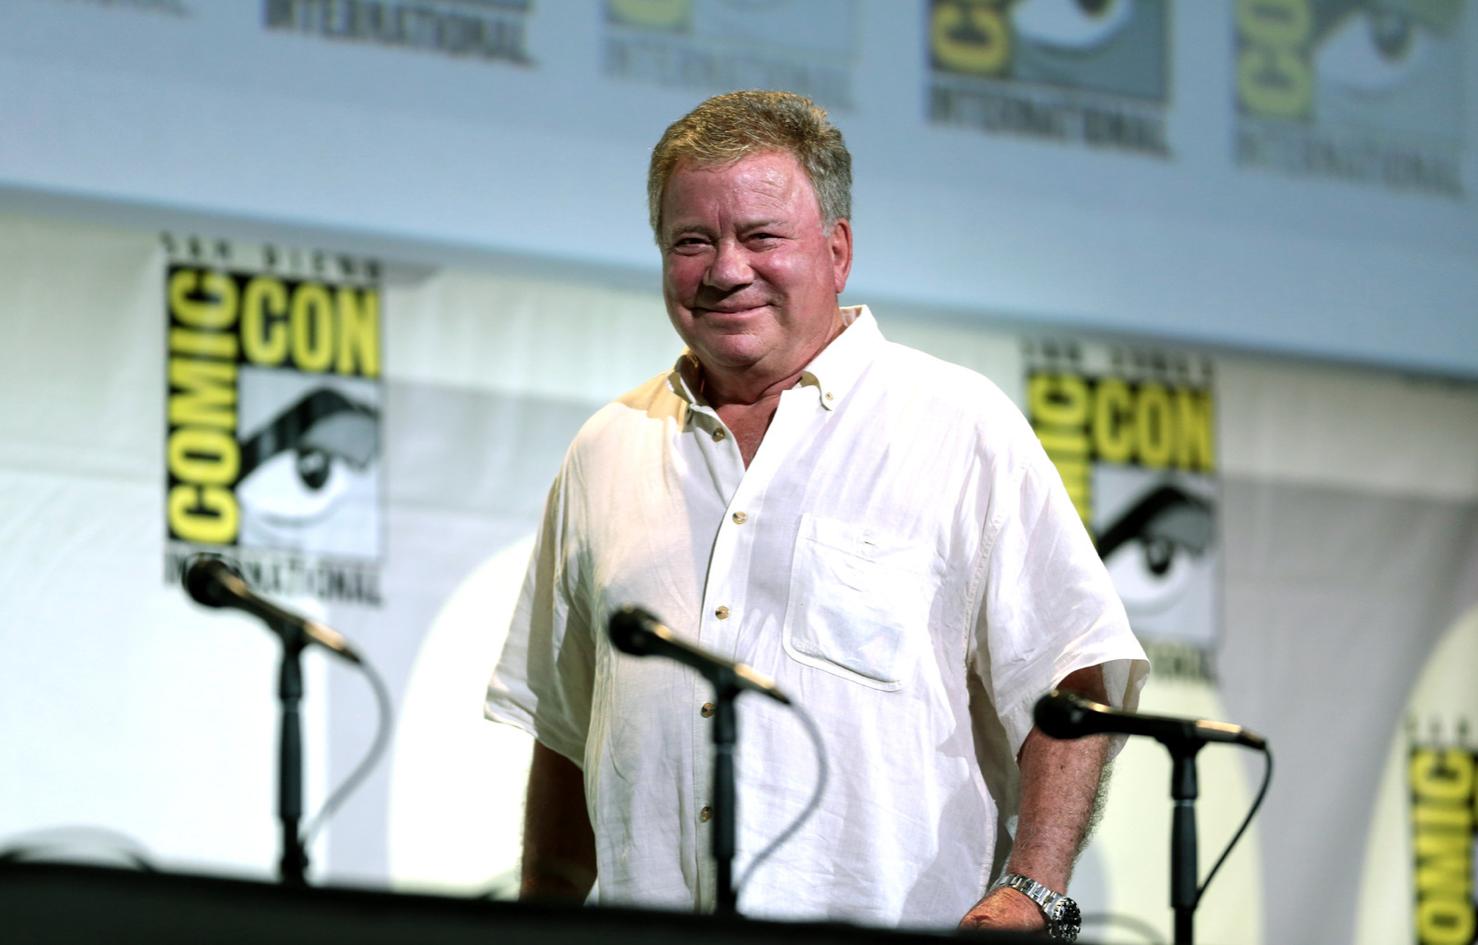 William Shatner at Comic Con